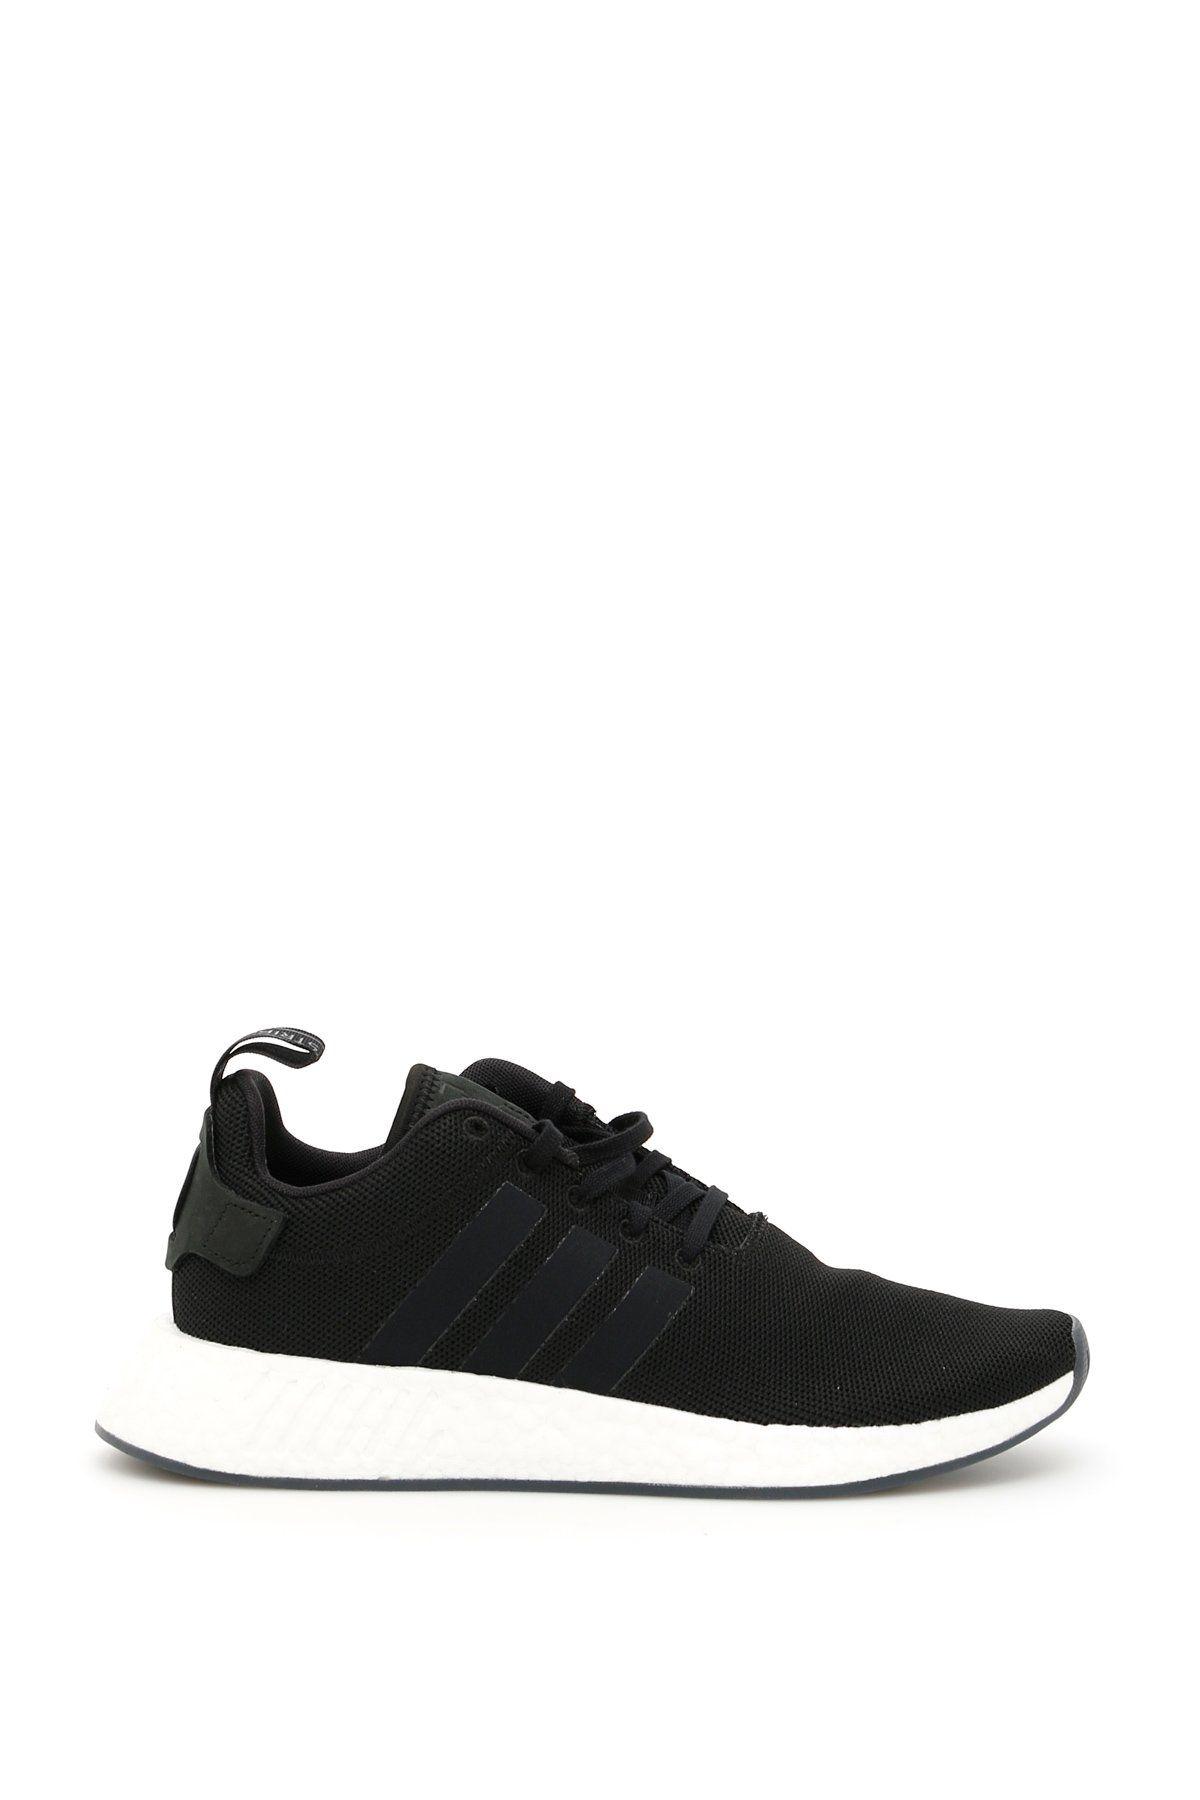 new product e82c8 af205 ADIDAS ORIGINALS ADIDAS NMD R2 ORIGINAL SNEAKERS.  adidasoriginals  shoes  Adidas Nmd R2, Adidas